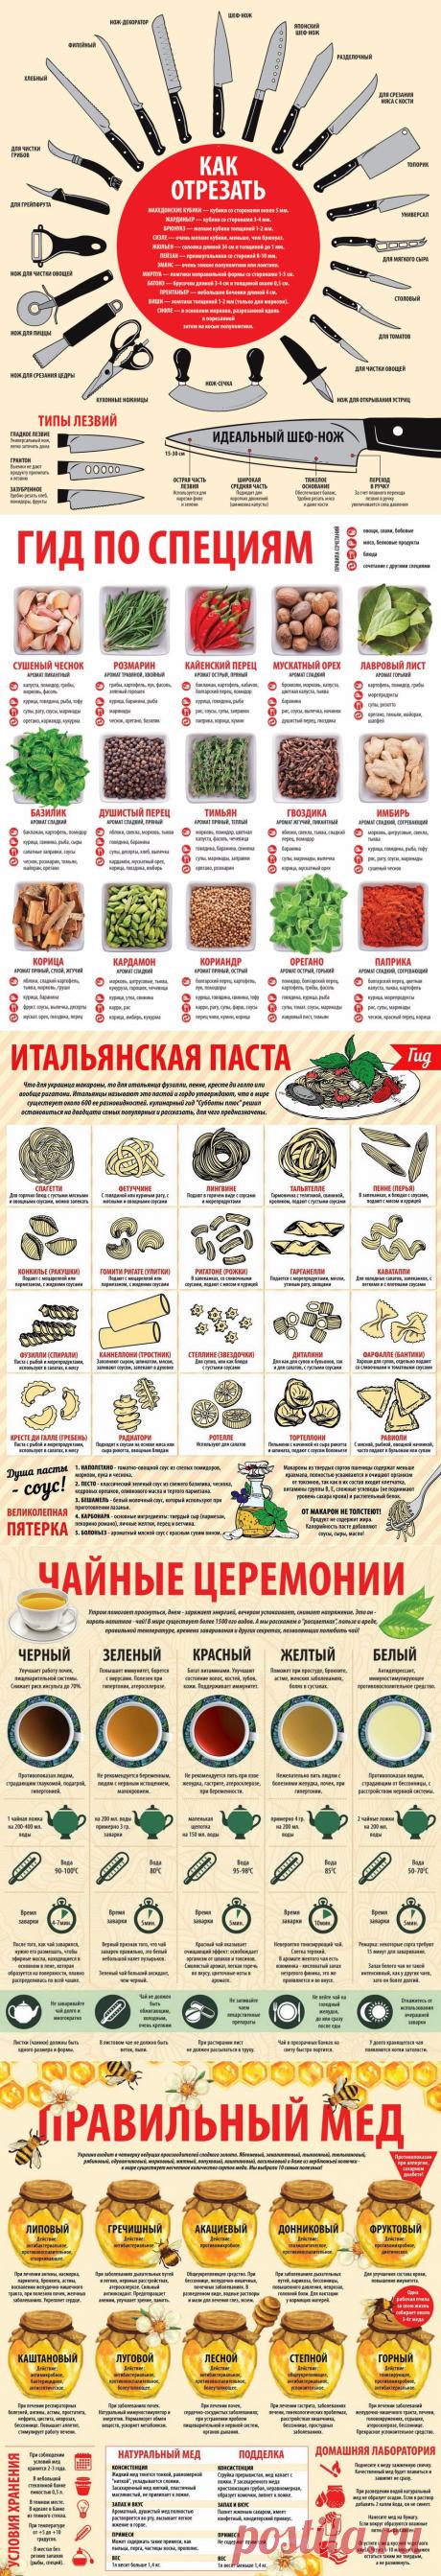 20 шпаргалок от шеф-поваров, которые облегчат вам жизнь